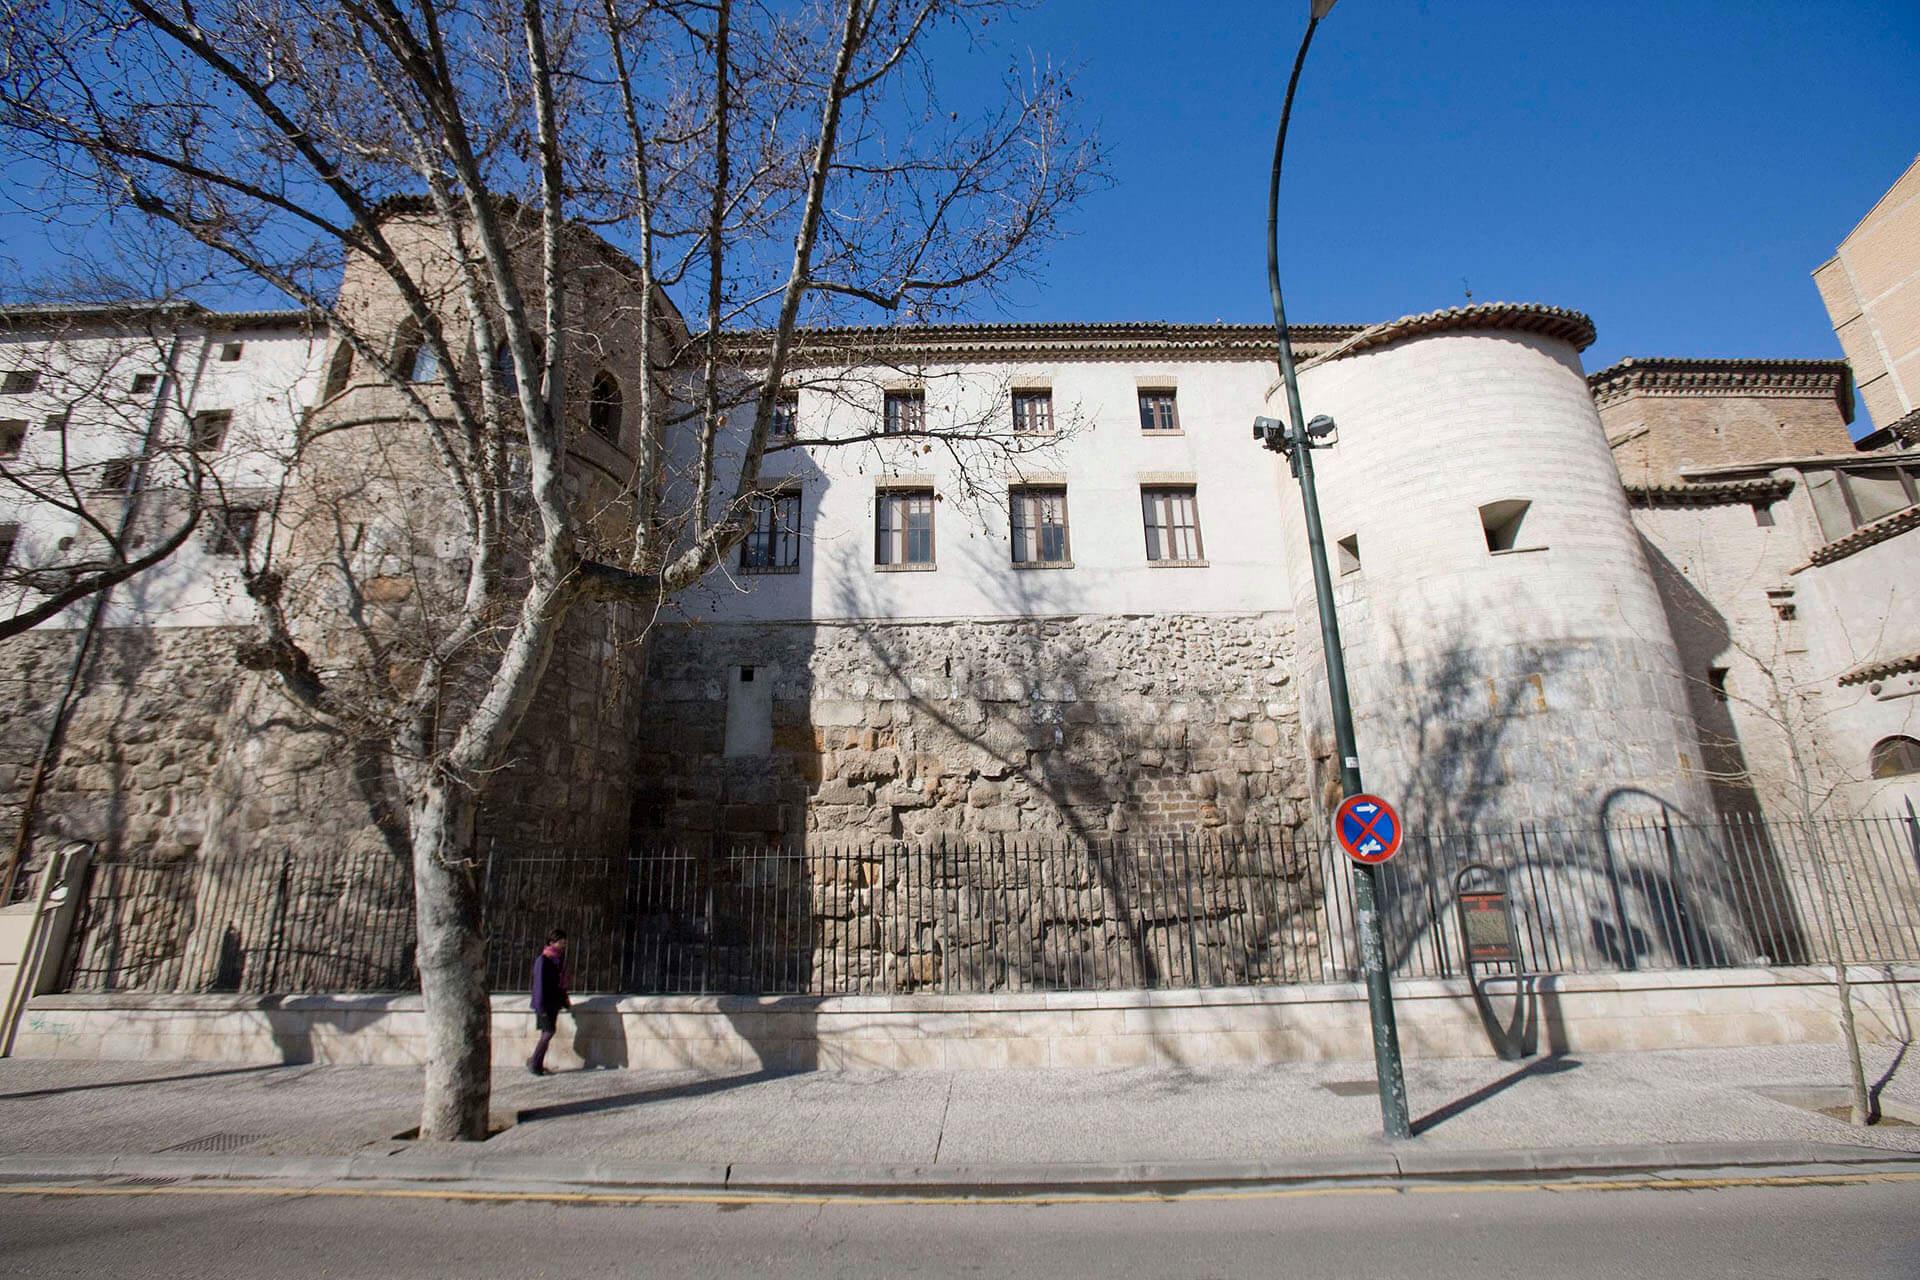 Santo Sepulcro Torreones - Imagen 10 - Restauración Slider - rubiomorte.com